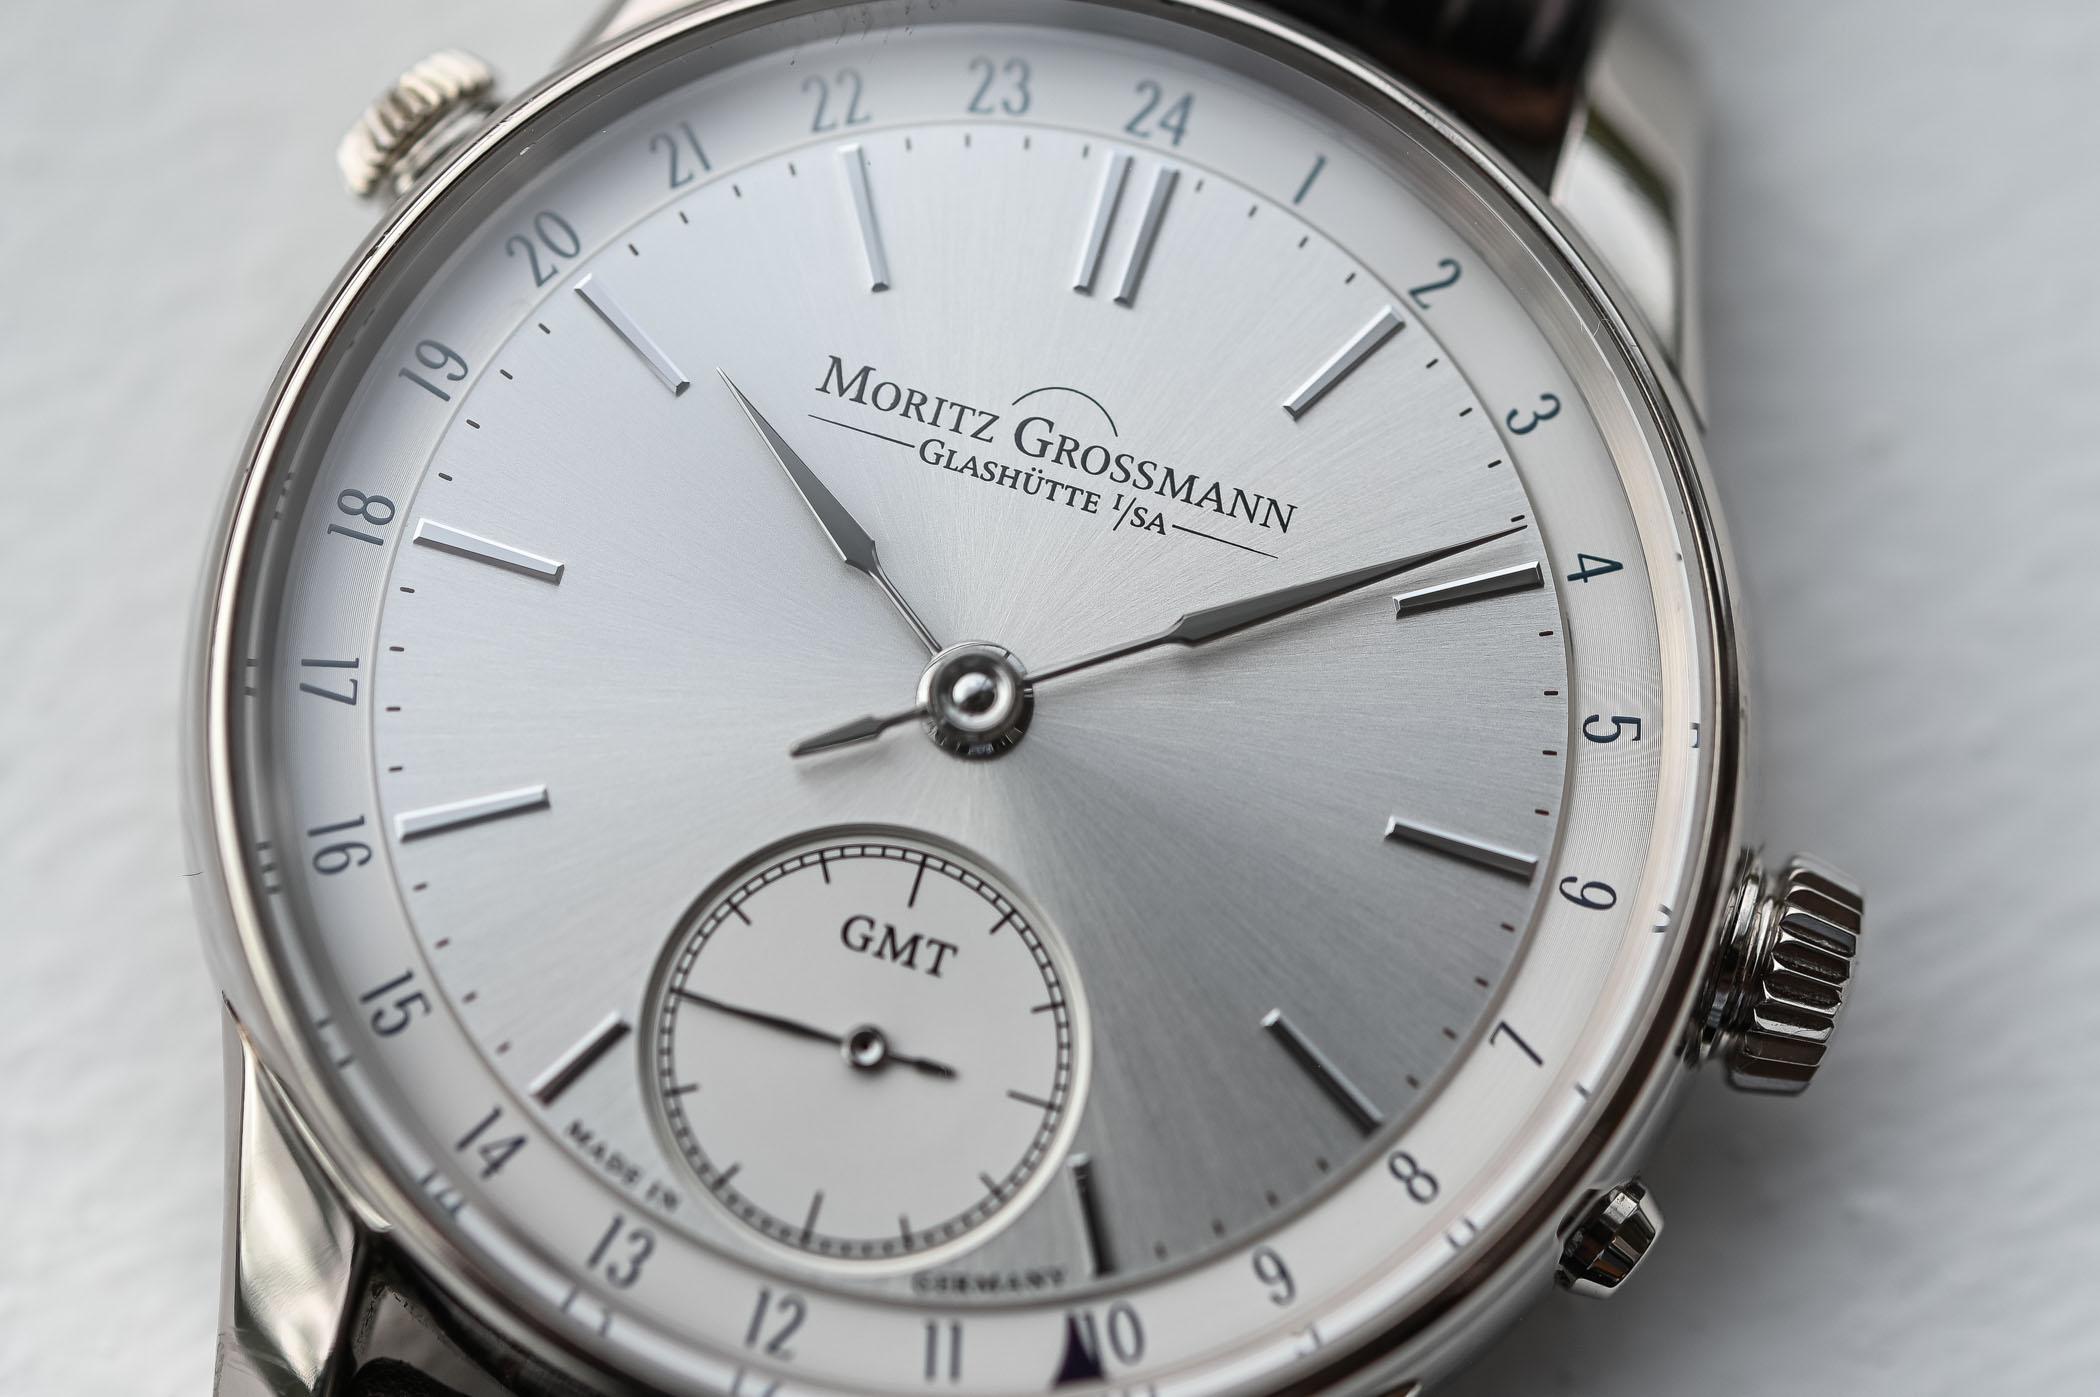 moritz grossmann GMT